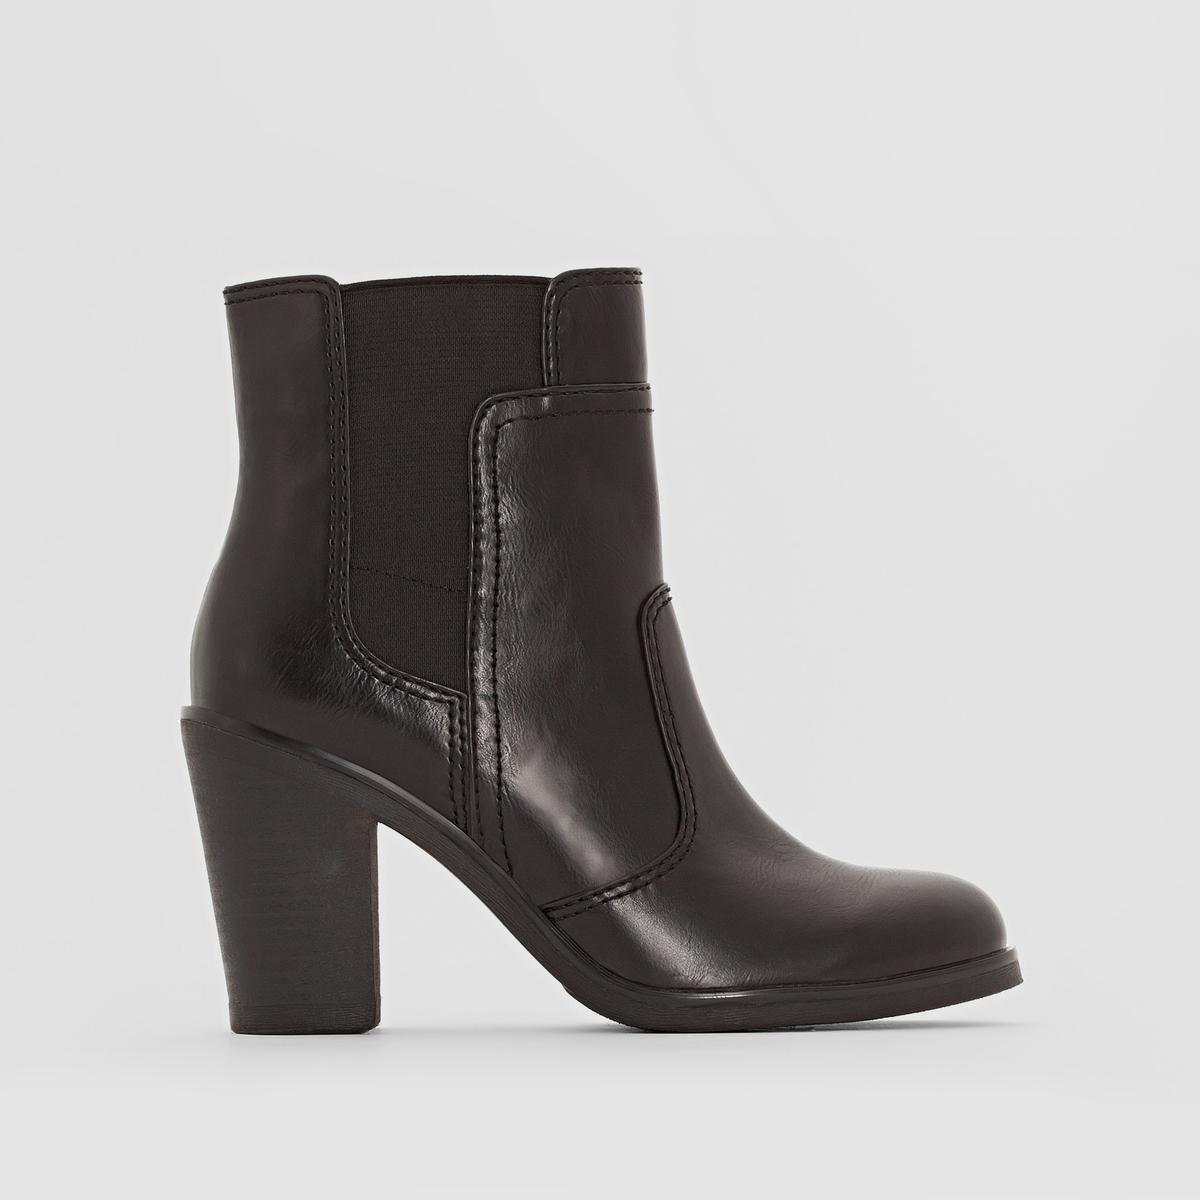 Ботильоны на каблуке CERVIA BOOTIEПодкладка: синтетический материал     Стелька: полиуретан   Подошва: каучук.   Высота каблука: 7 см   Высота голенища: 12 см   Форма каблука: широкий   Мысок: закругленный   Застежка: на молнии<br><br>Цвет: черный